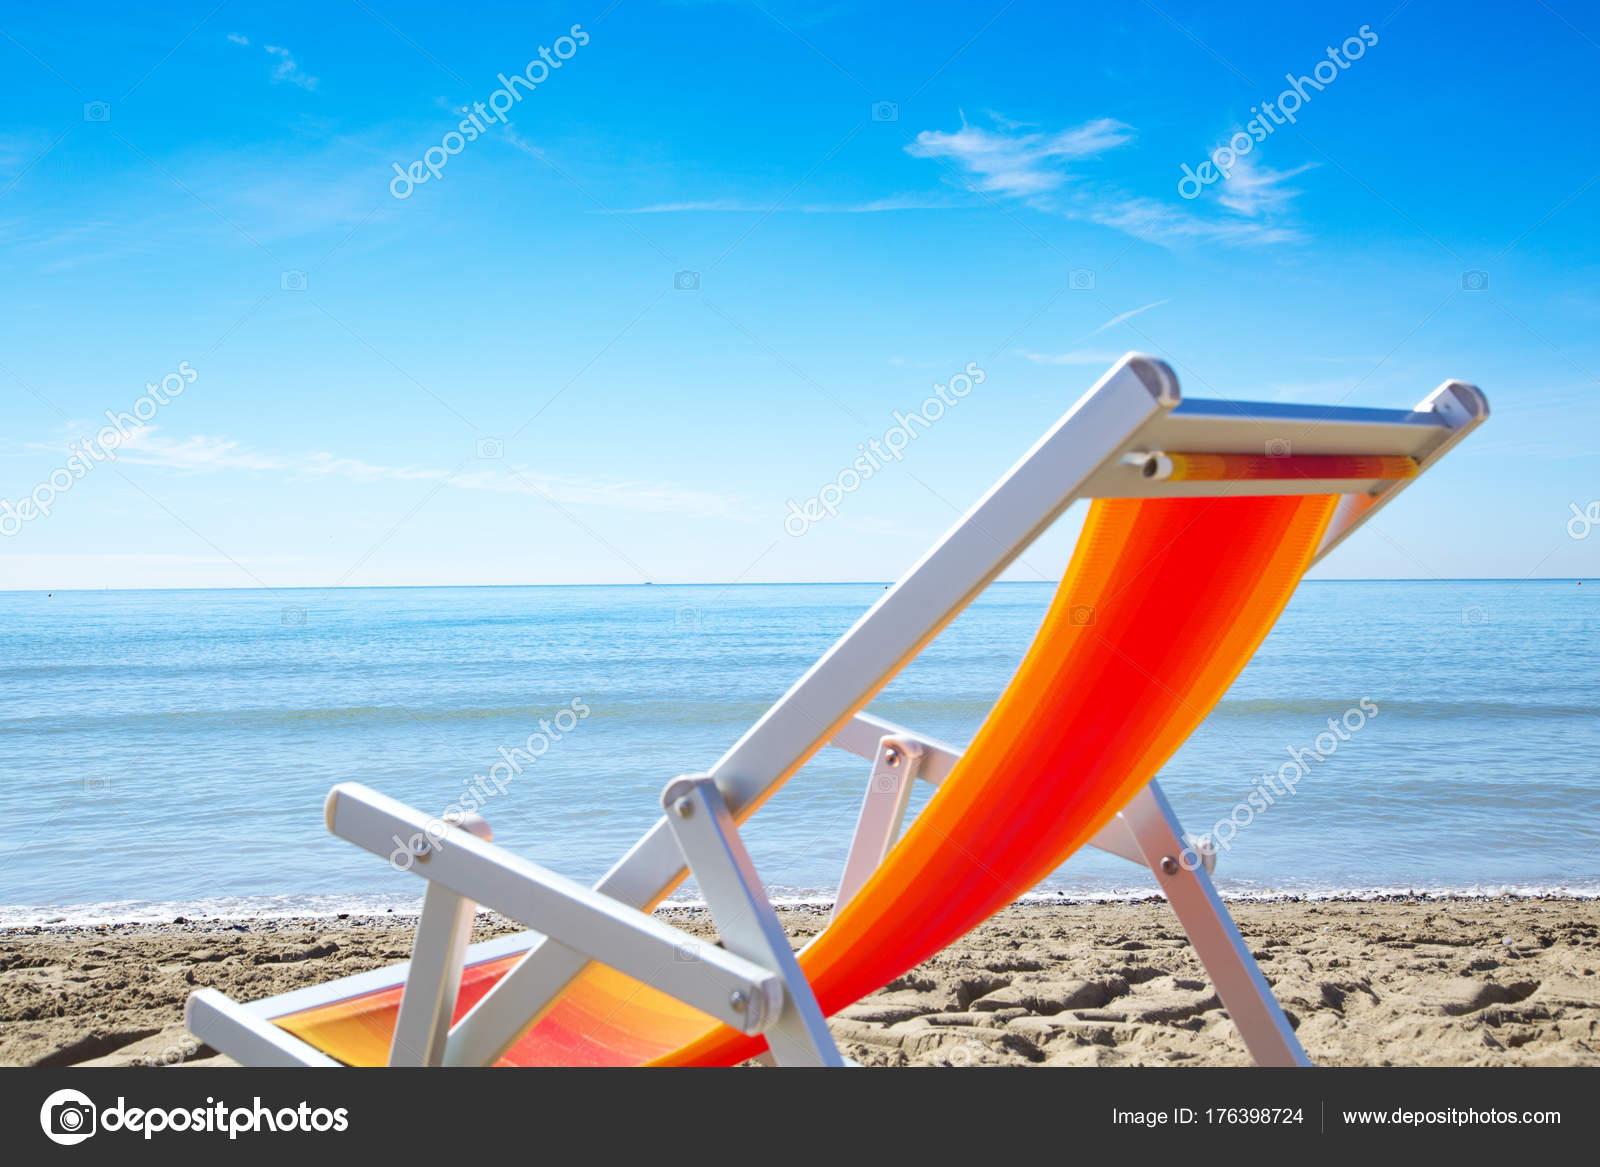 Sommer Hintergrund Am Strand Mit Sommer Werkzeuge Dekoration Und